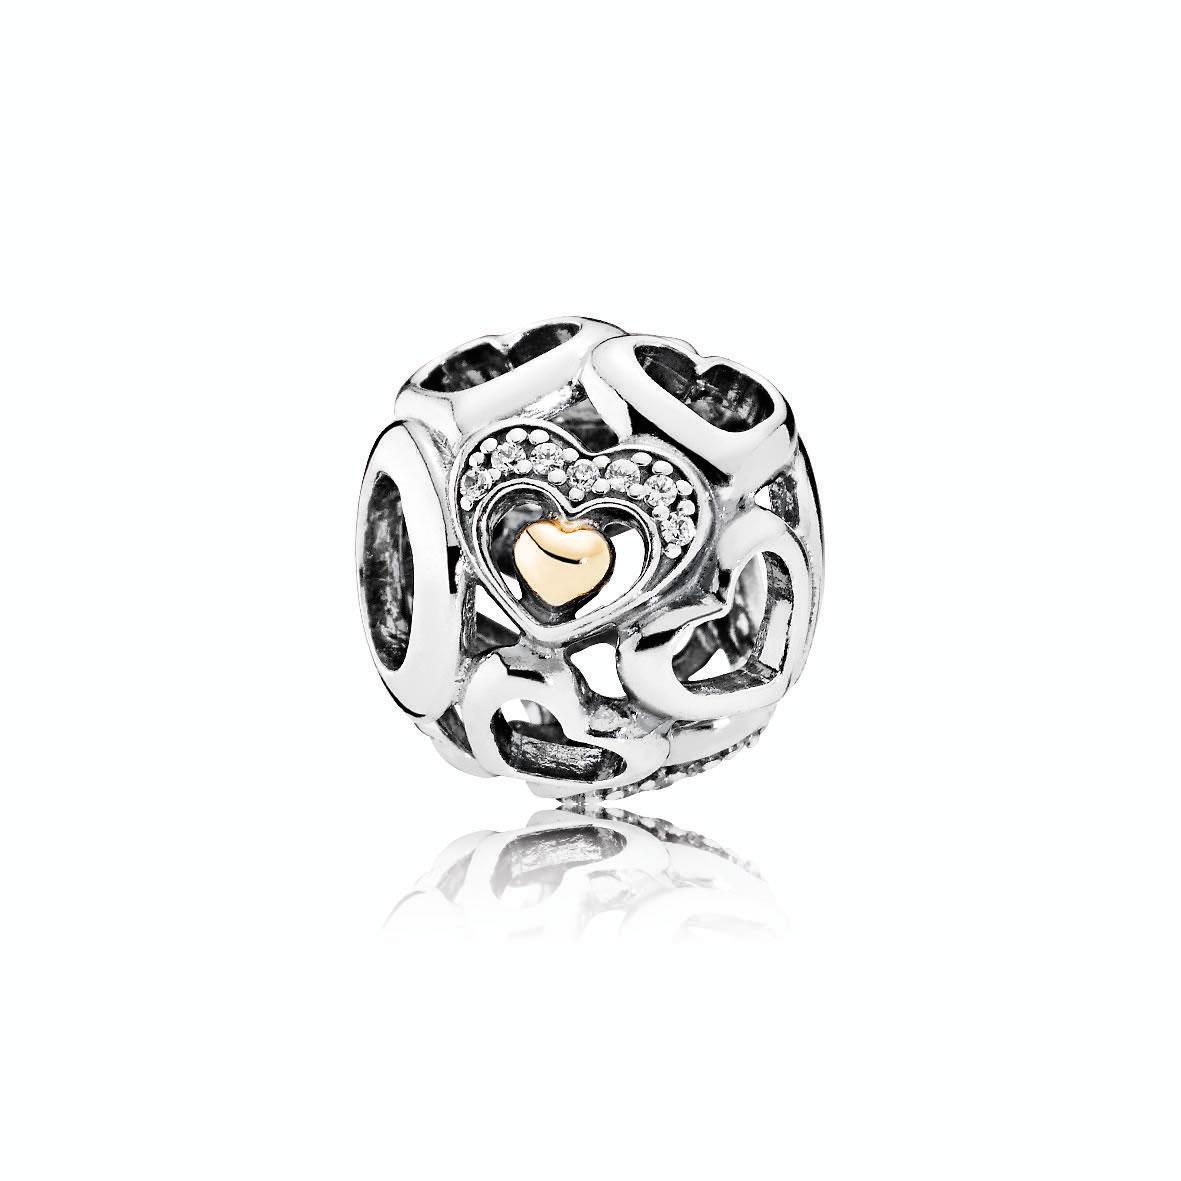 792108cz The Art Of Pandora More Than Just A Pandora Blog